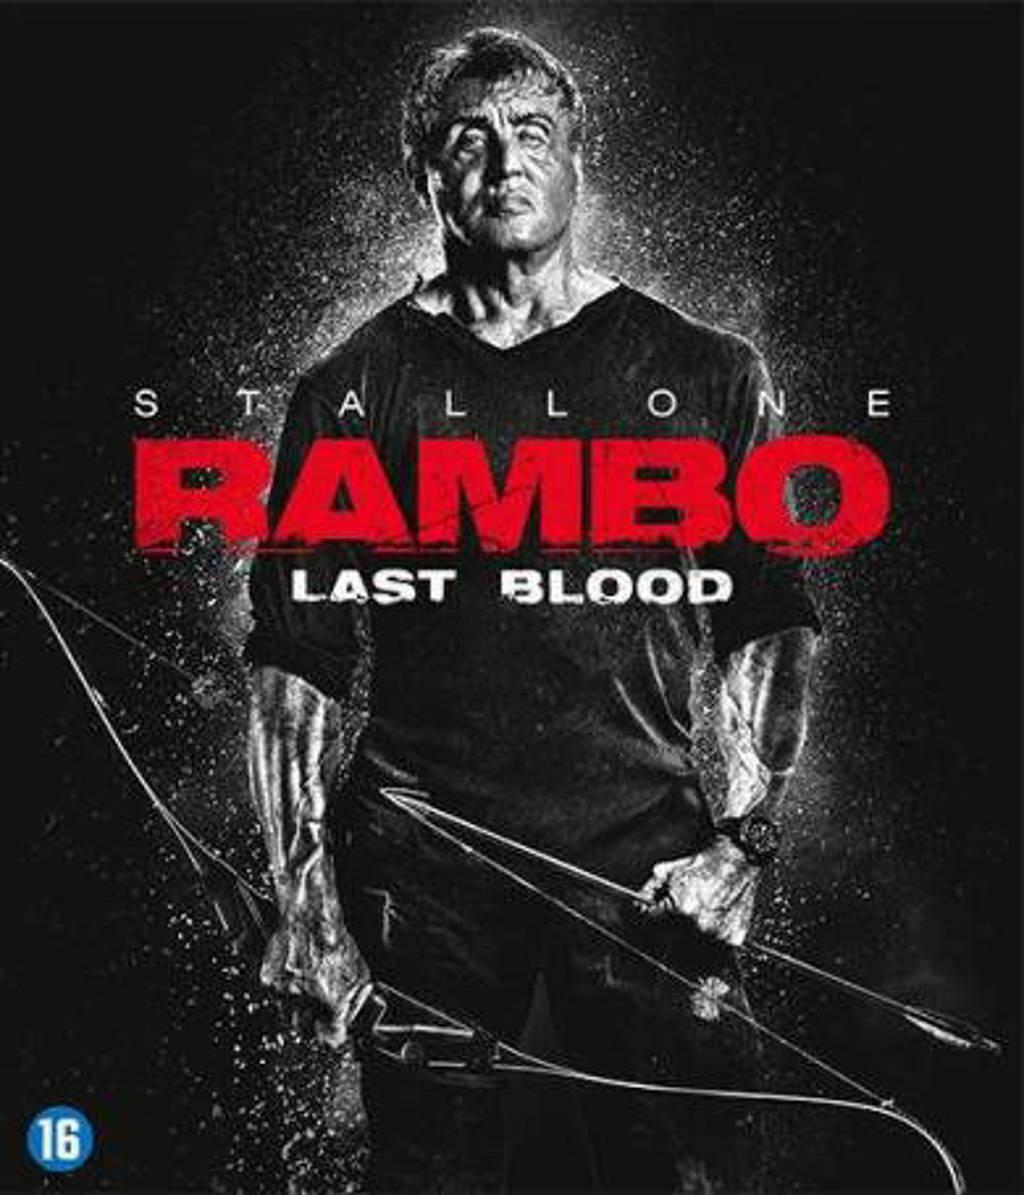 Rambo - Last blood (Blu-ray)